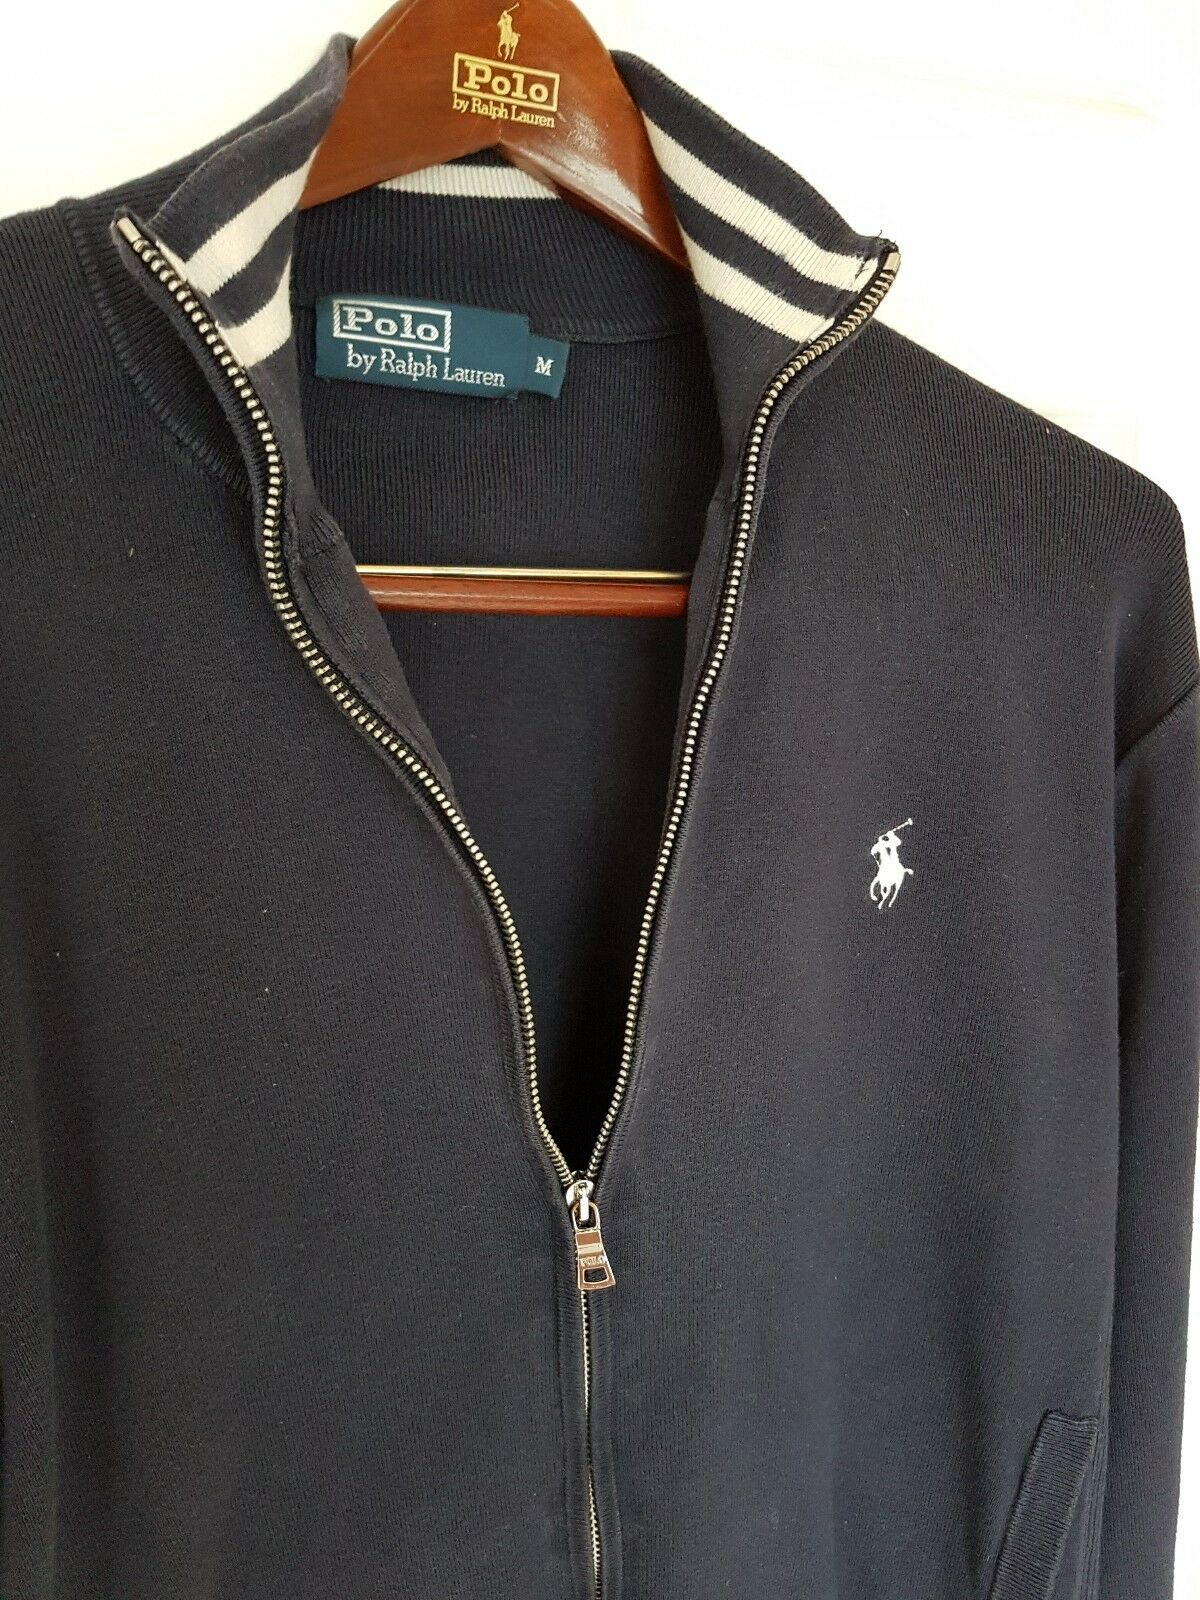 Mens POLO by RALPH LAUREN full Zip Jumper Sweater Größe medium.